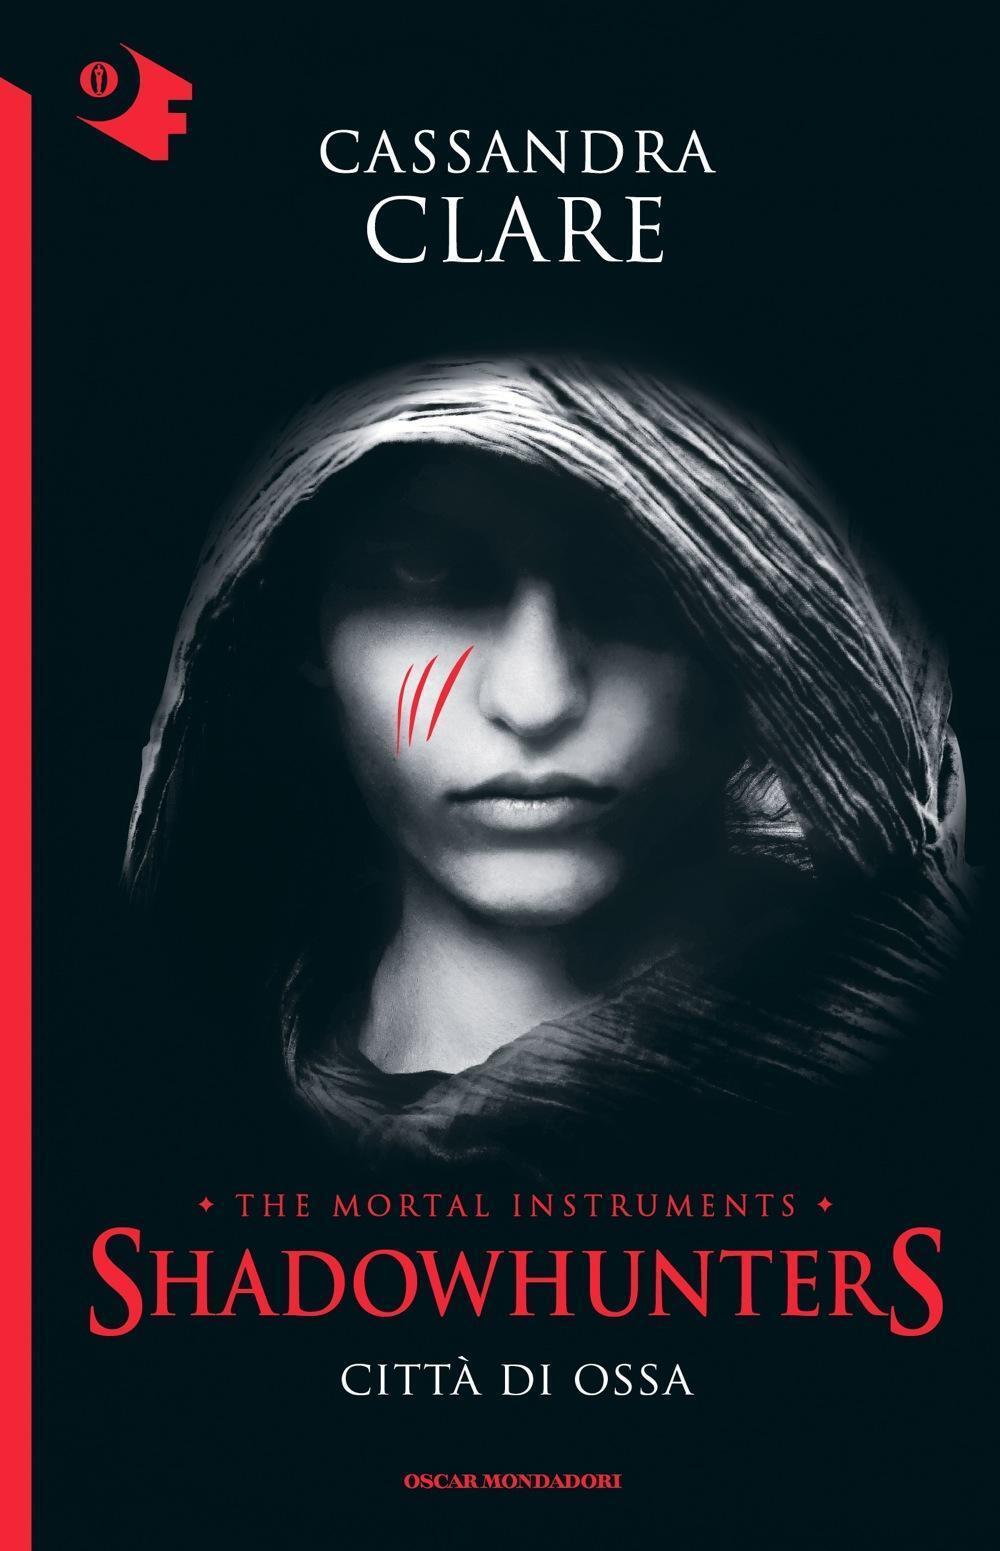 Risultati immagini per shadowhunters libro